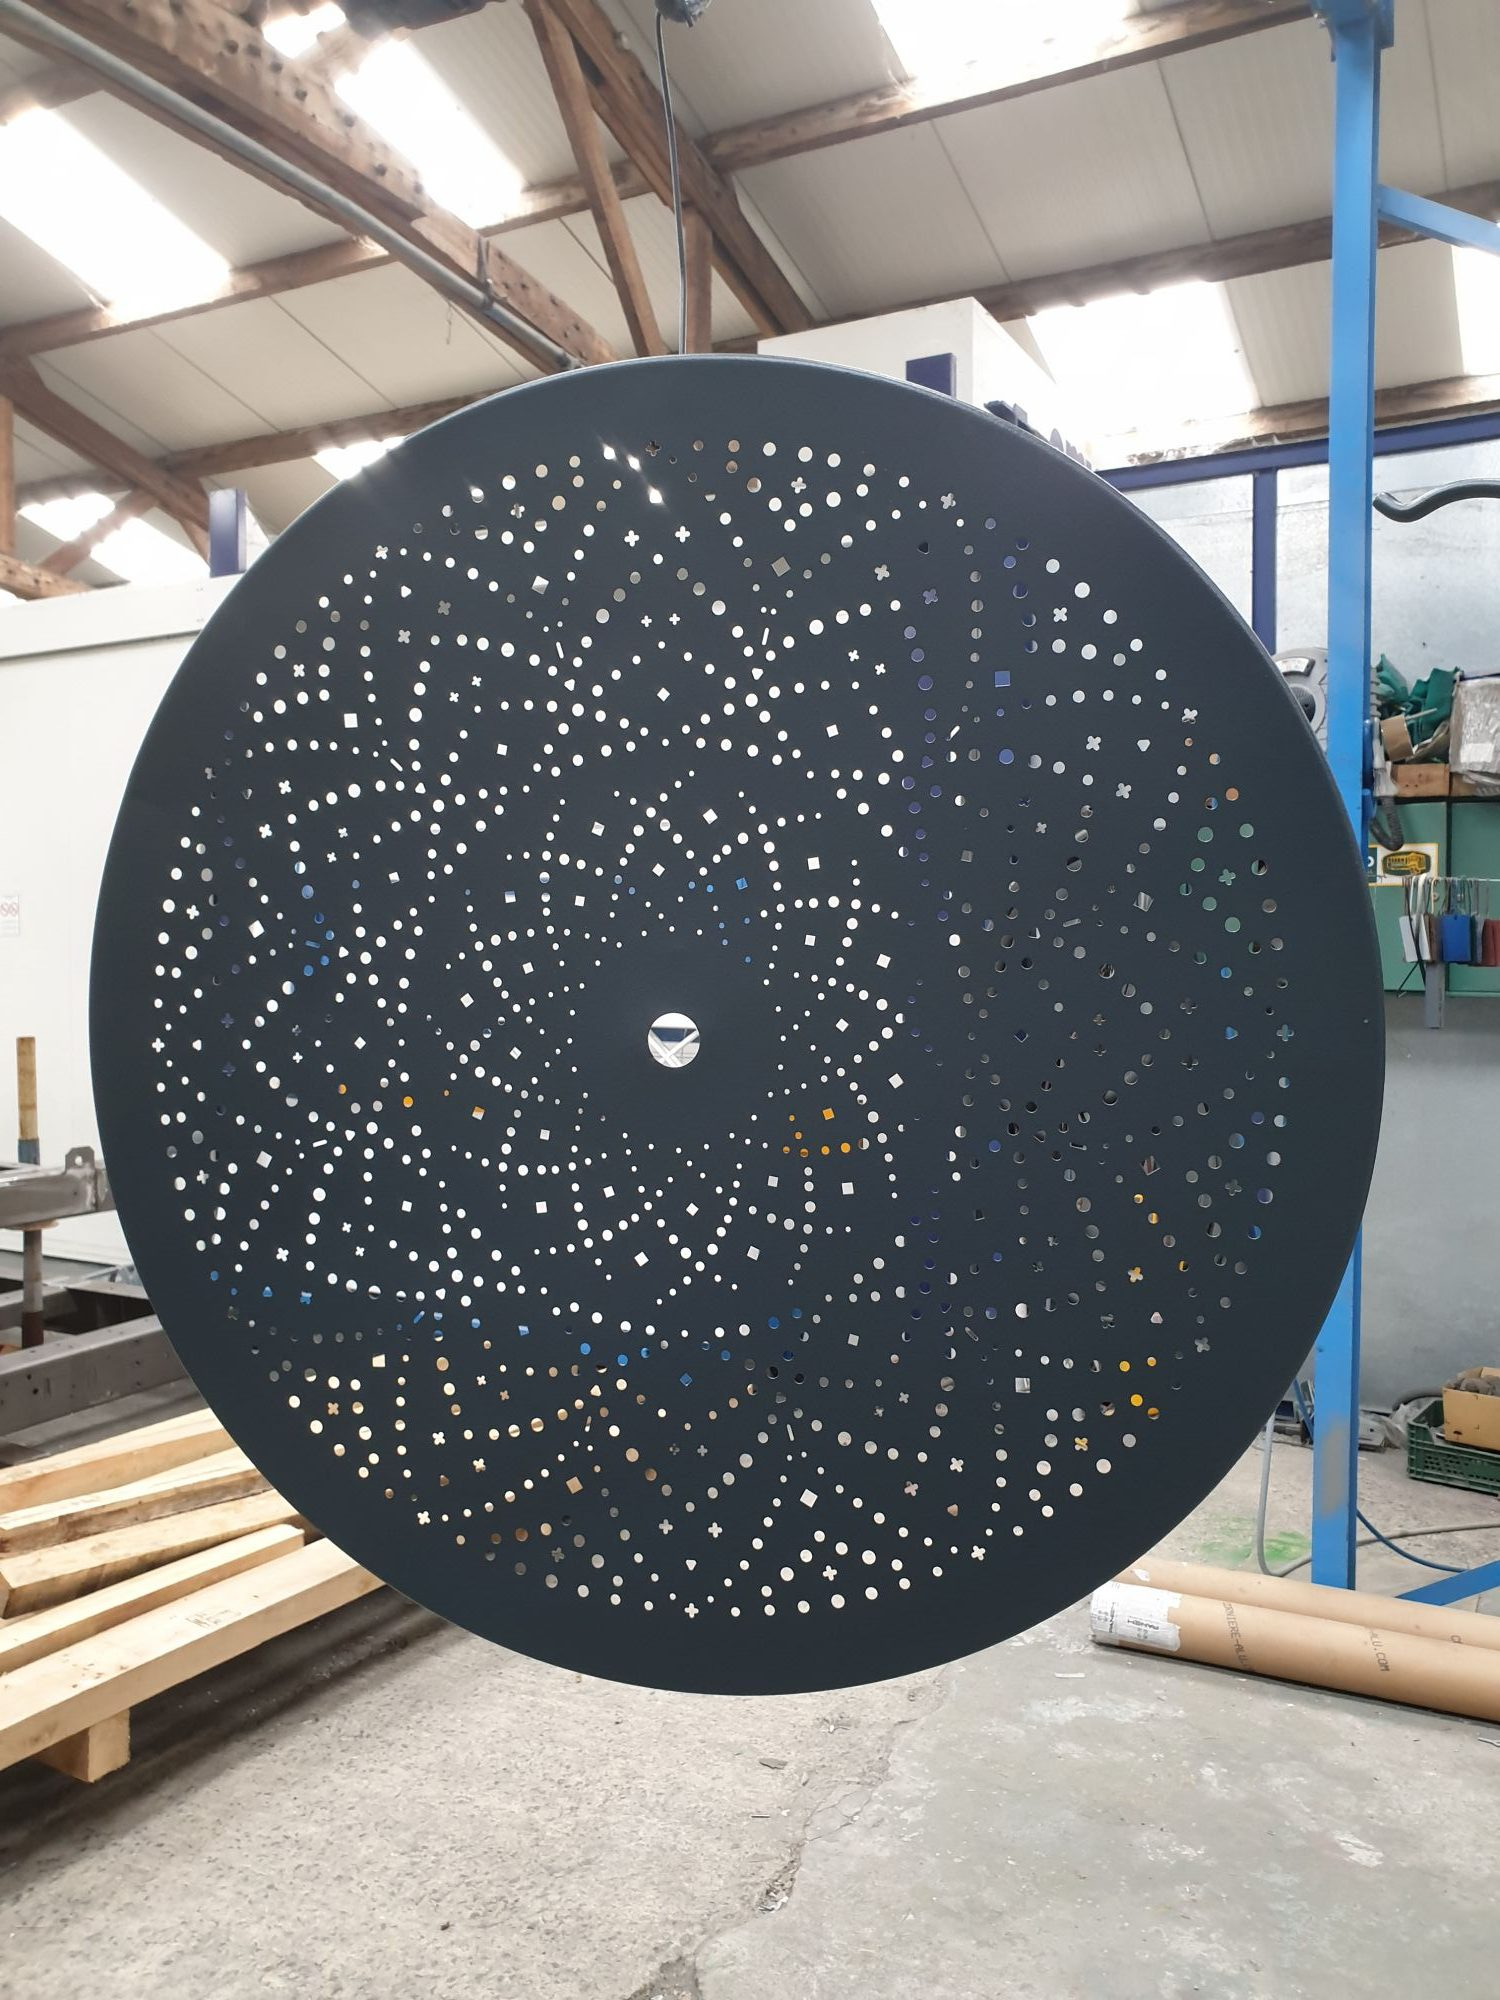 Rénovation d'objet en métal Rénovation de mobilier extérieur en métal 79, 17, 85